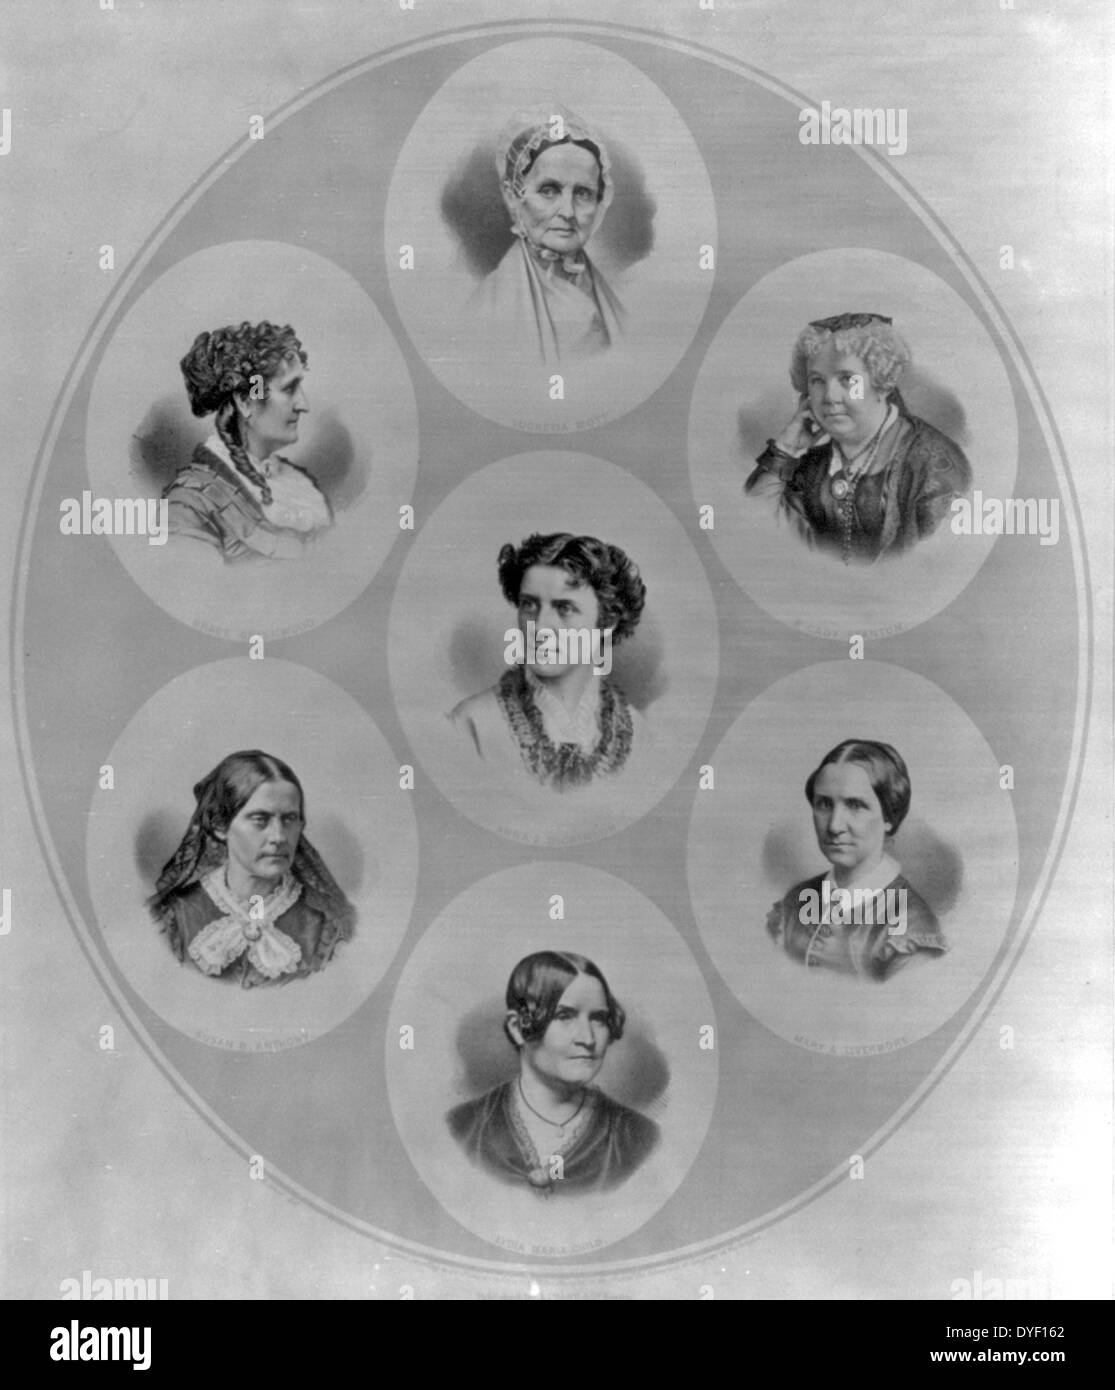 Portraits von sieben Persönlichkeiten der Wahlen und die Rechte der Frauen Bewegung. Stockbild